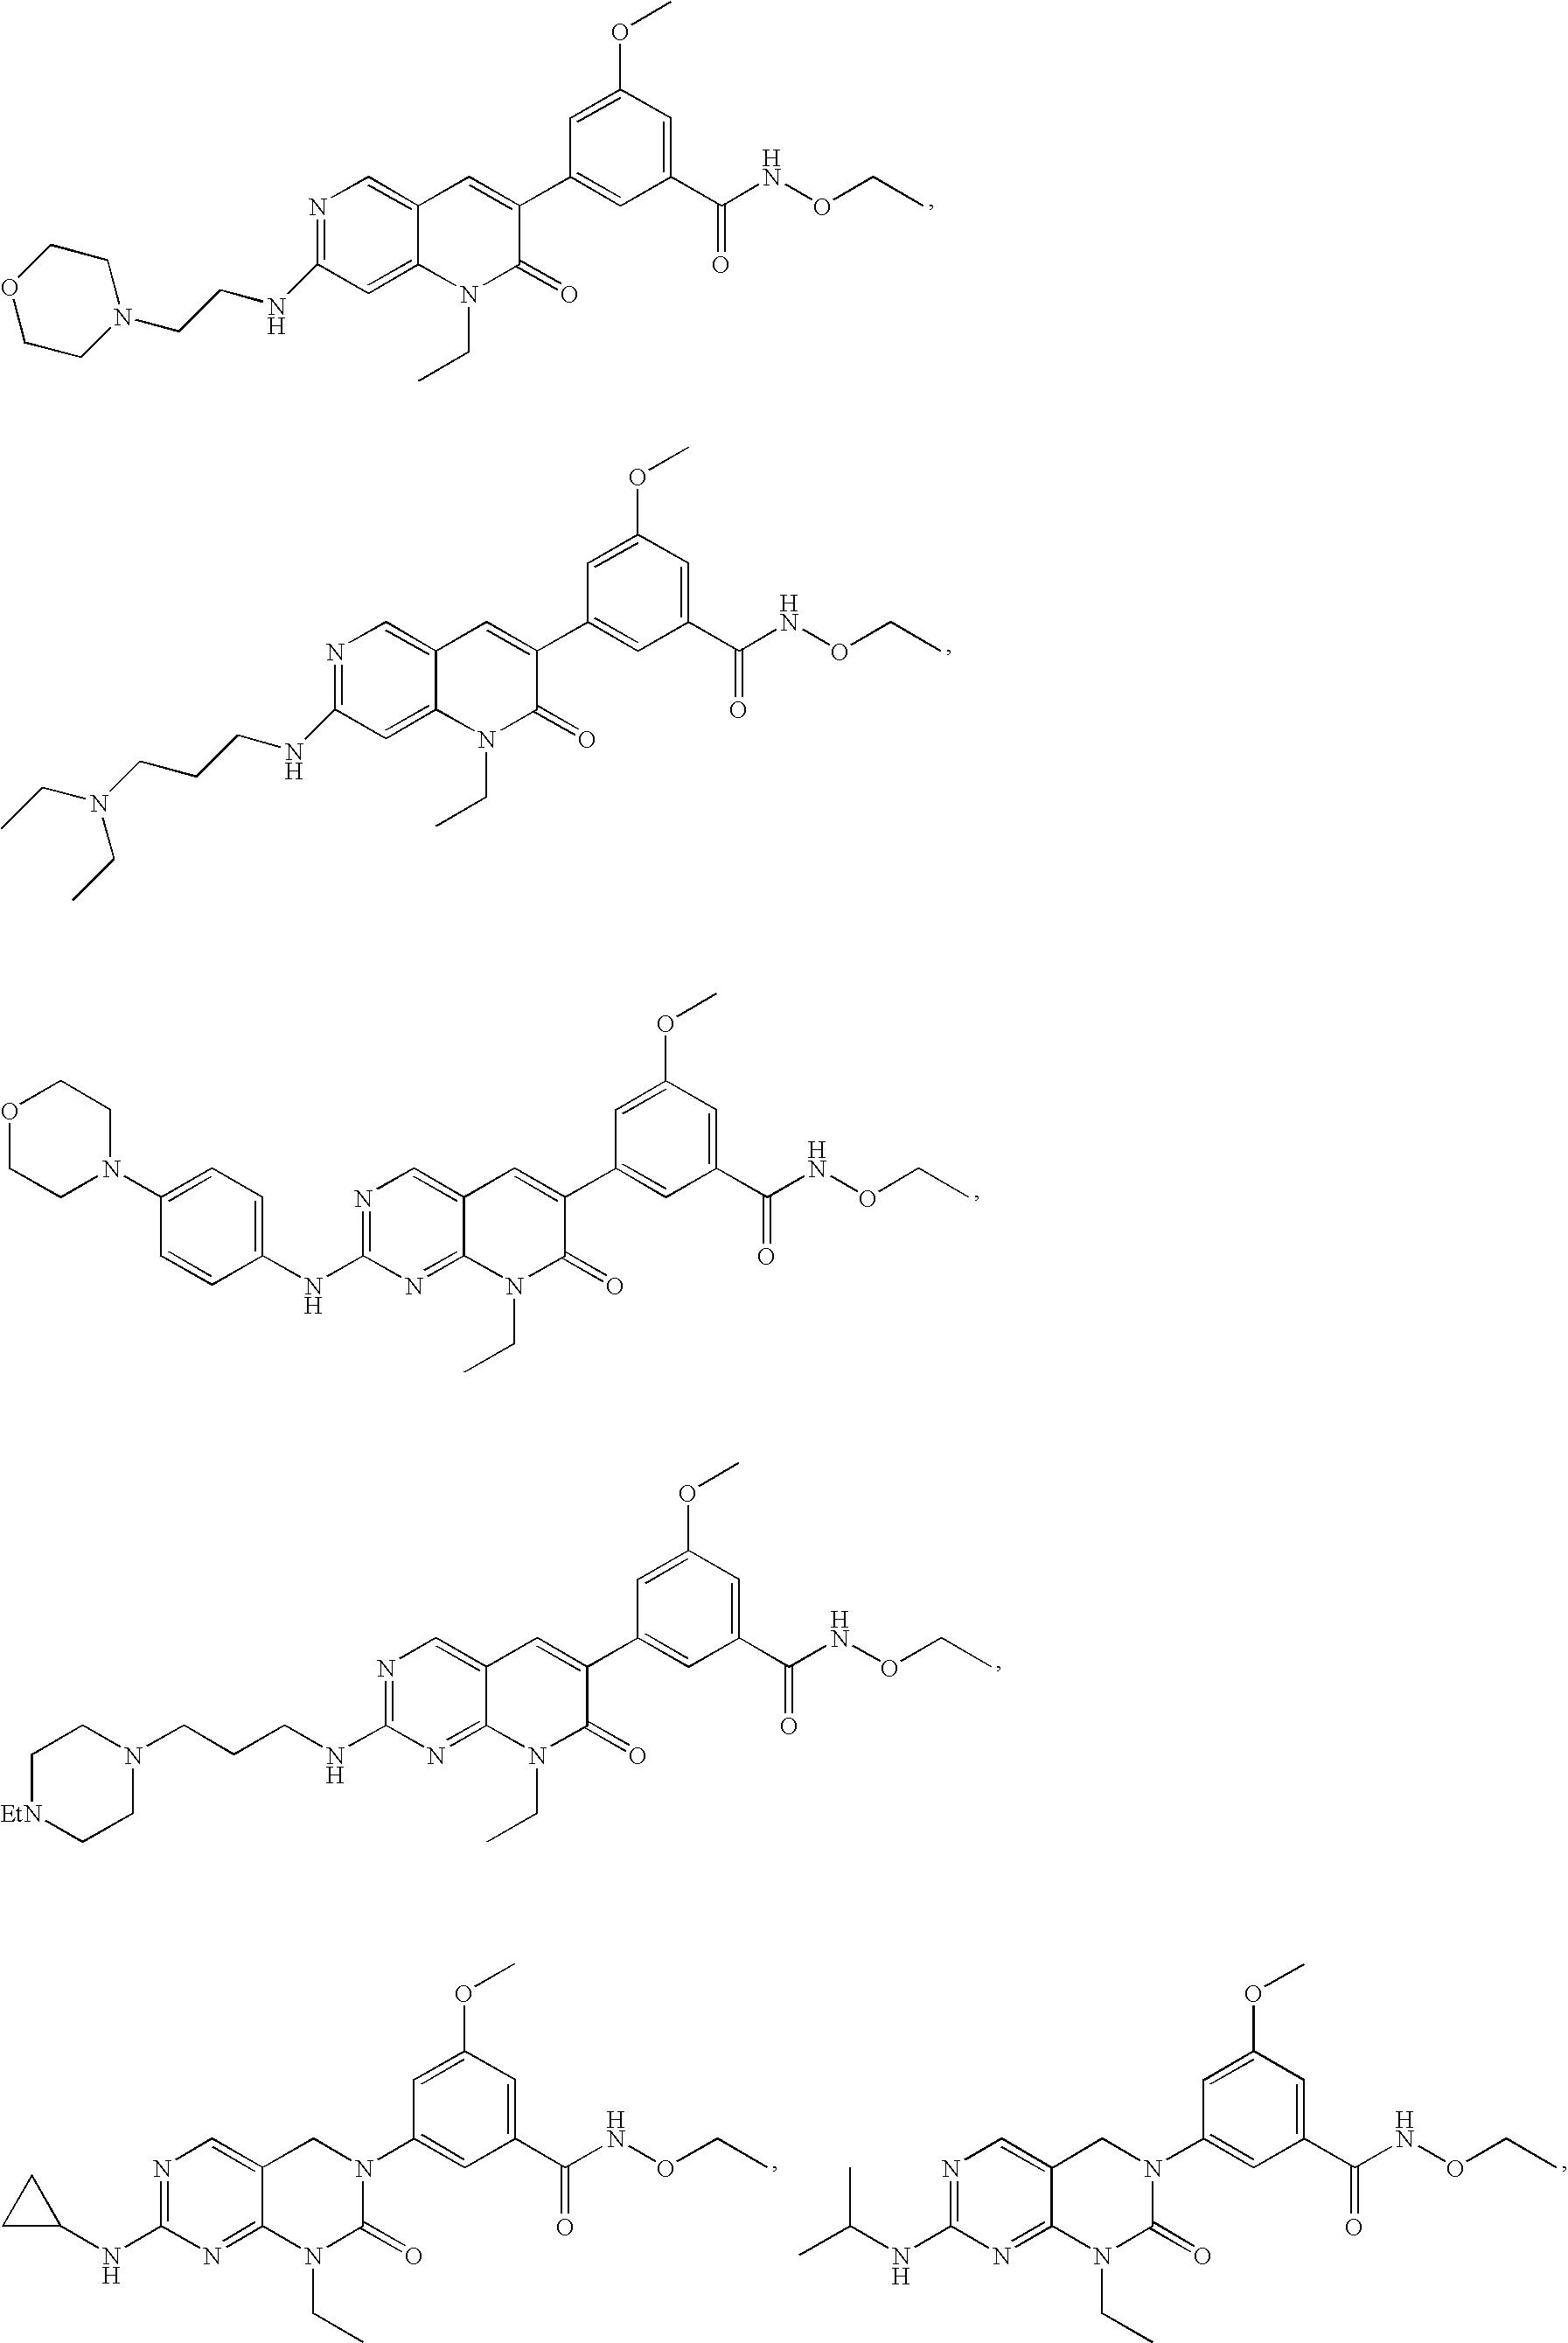 Figure US20090312321A1-20091217-C00079